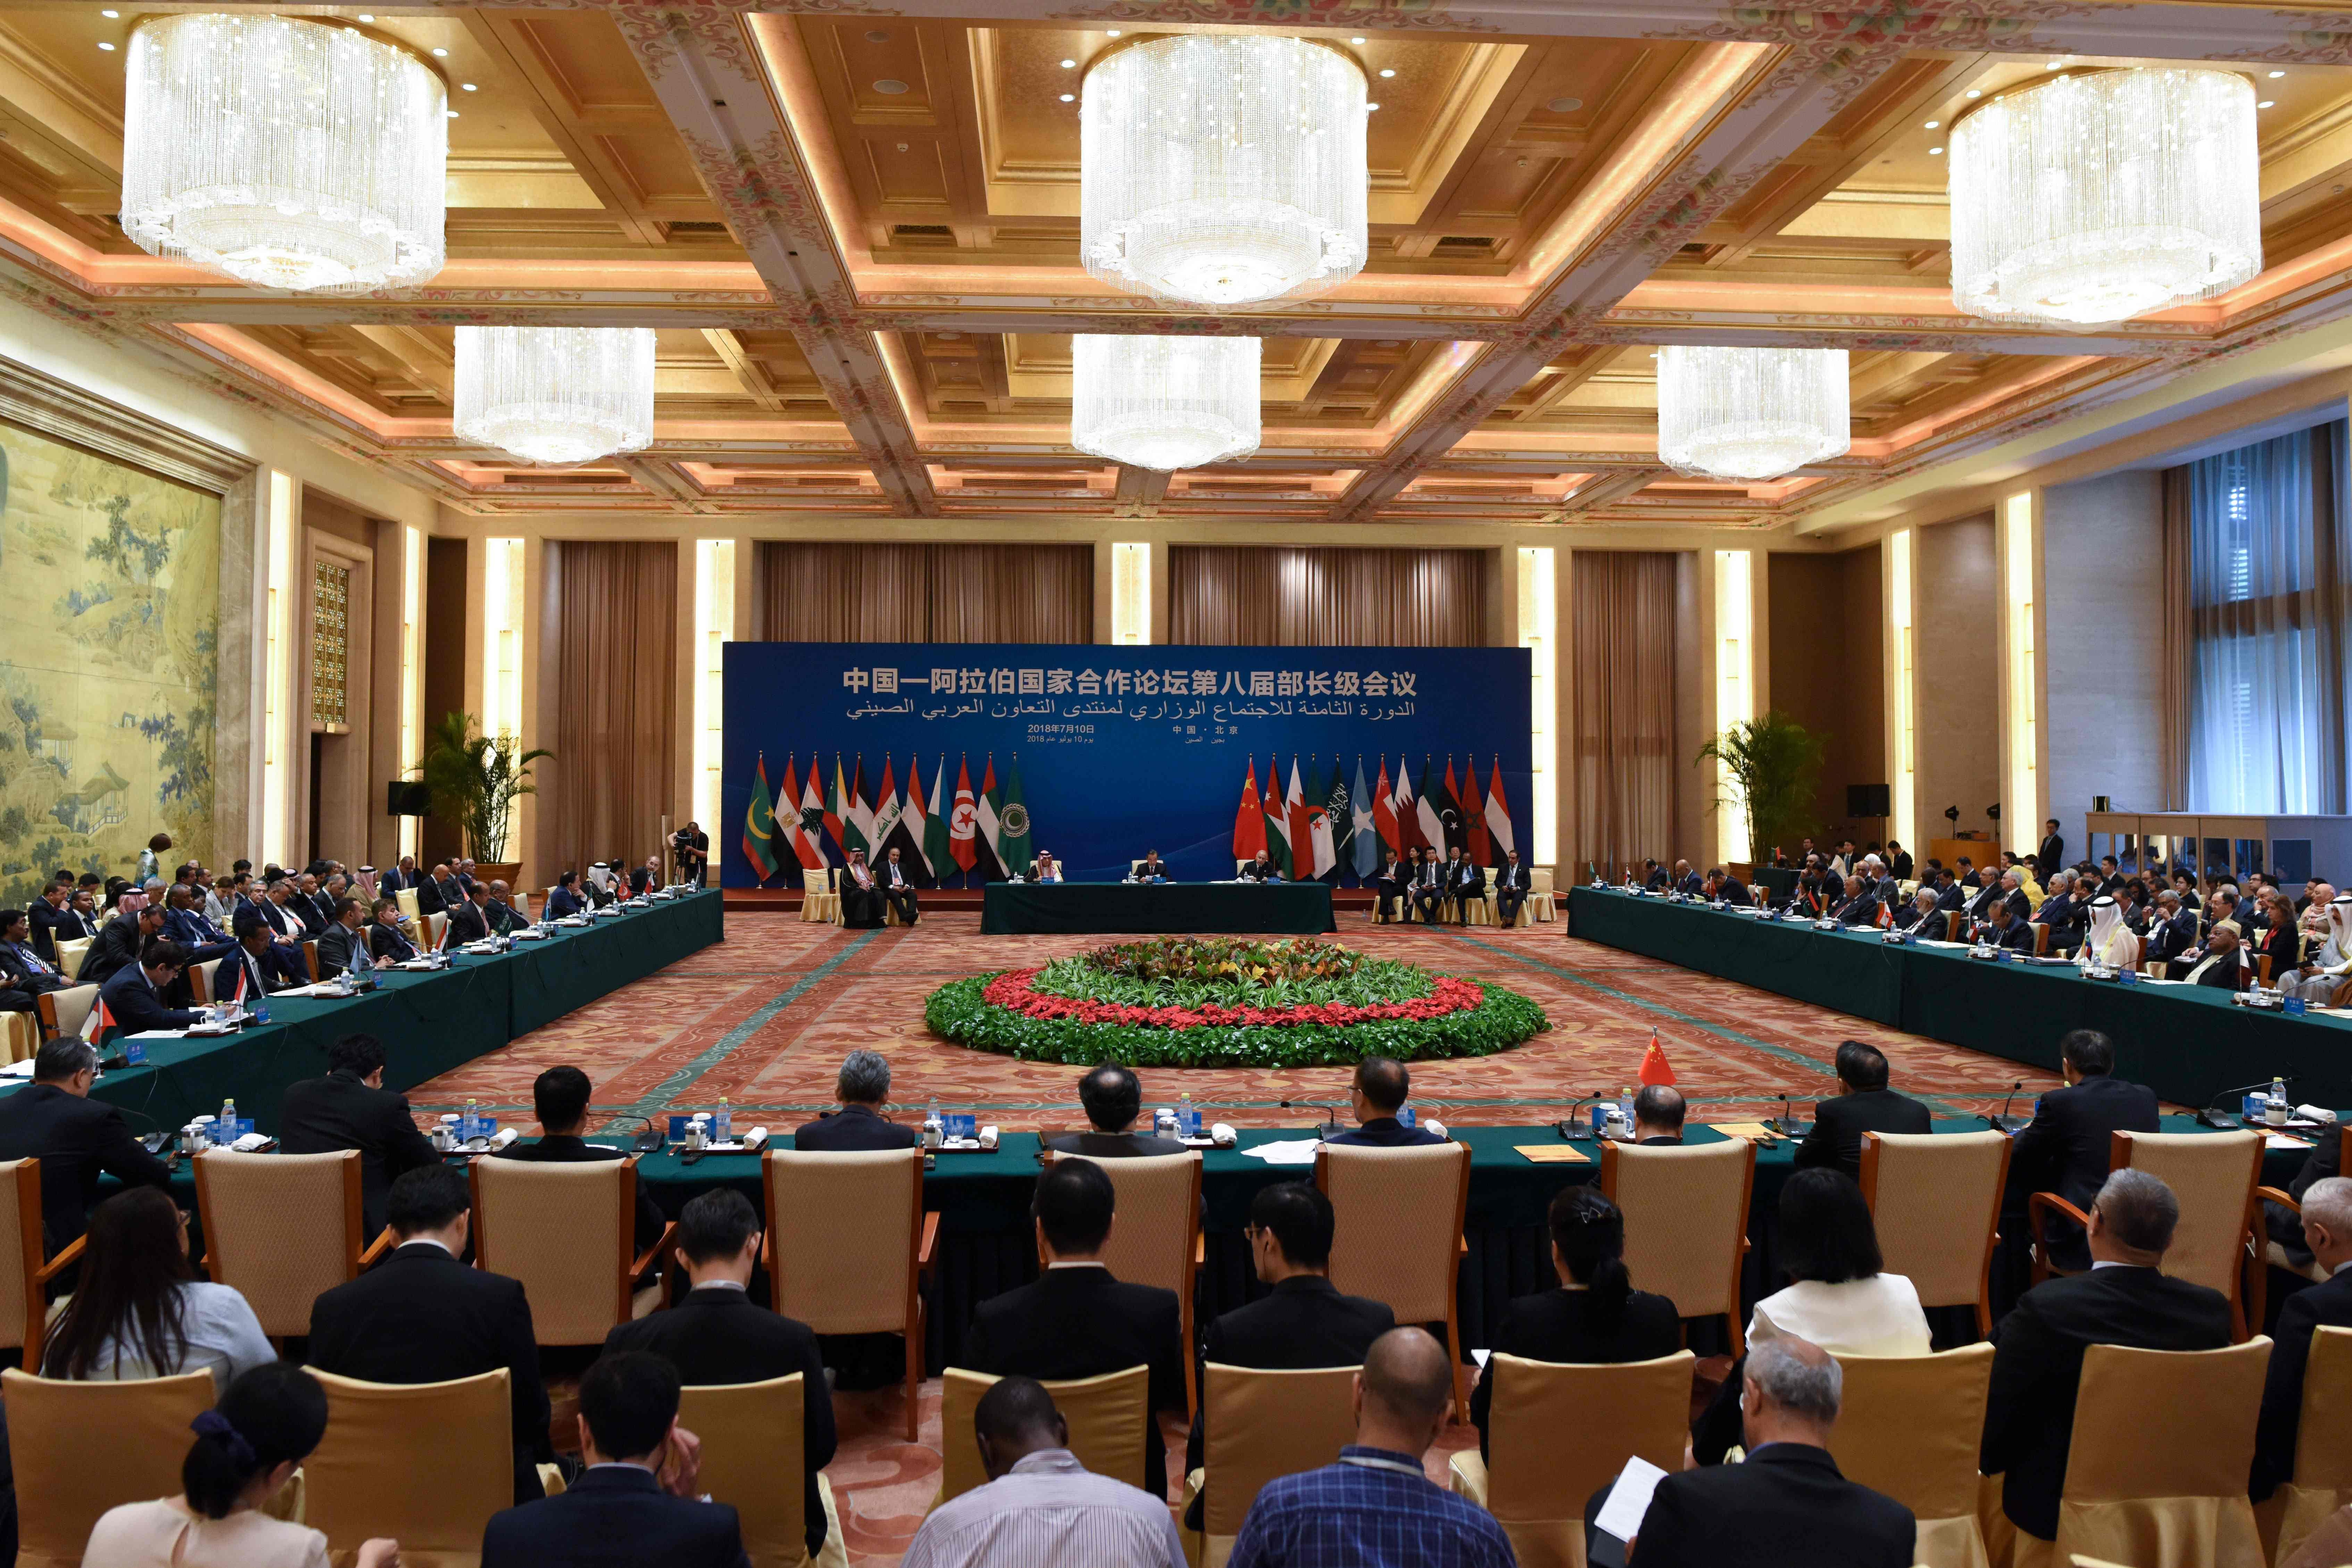 انطلاق الدورة الثامنة للاجتماع الوزارى للمنتدى الصينى العربى